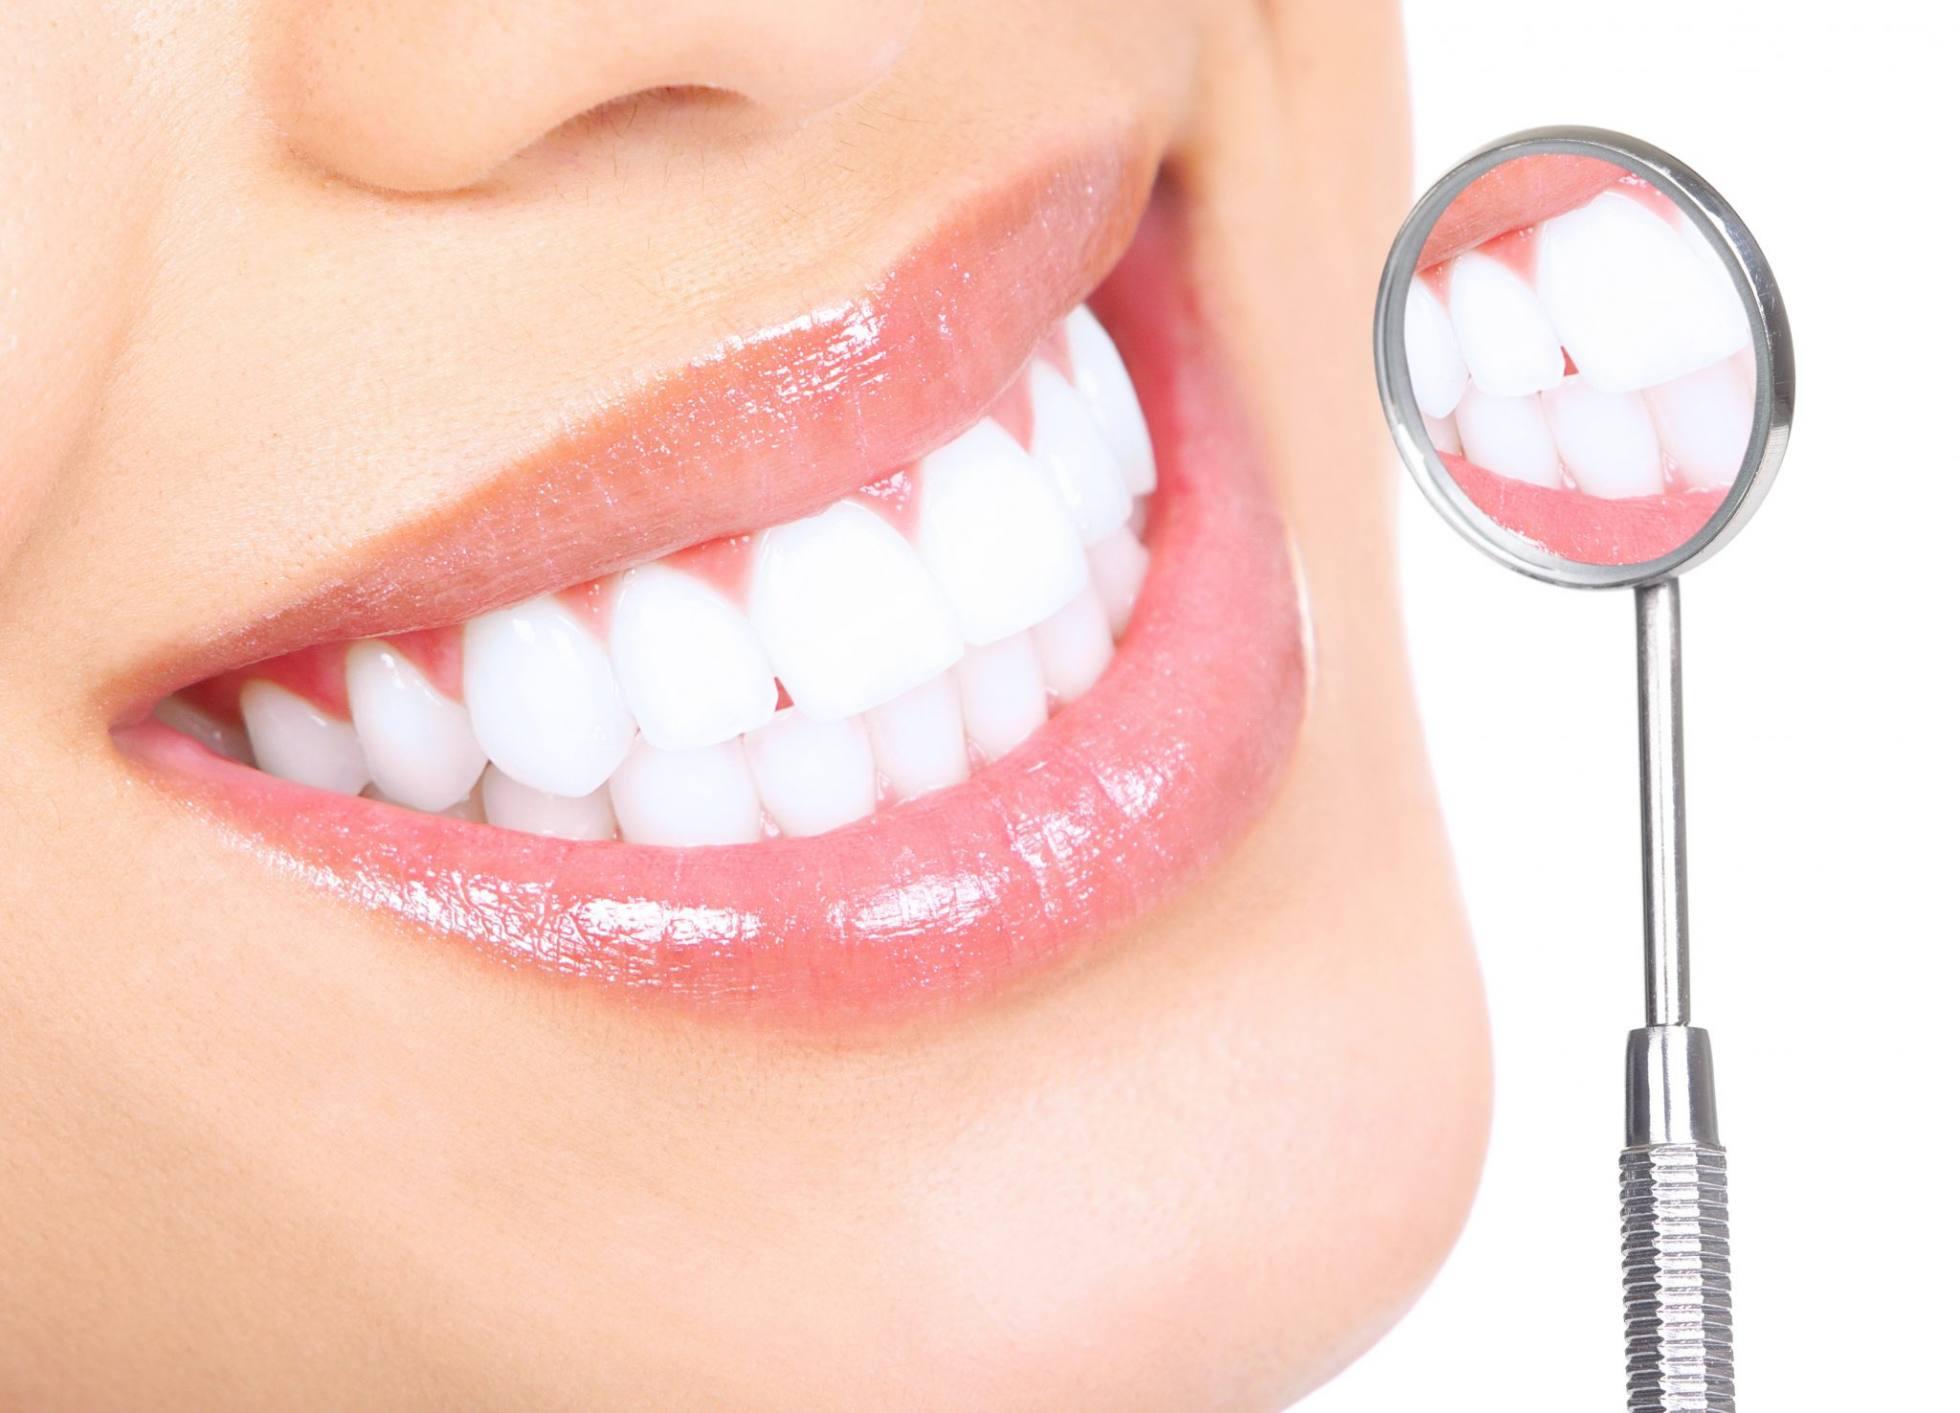 Białe zęby, zdrowy uśmiech - rezultaty profesjonalnego zabiegu w klinice dentystycznej z zastosowaniem Lampy Beyond Polus - Dent Kraków